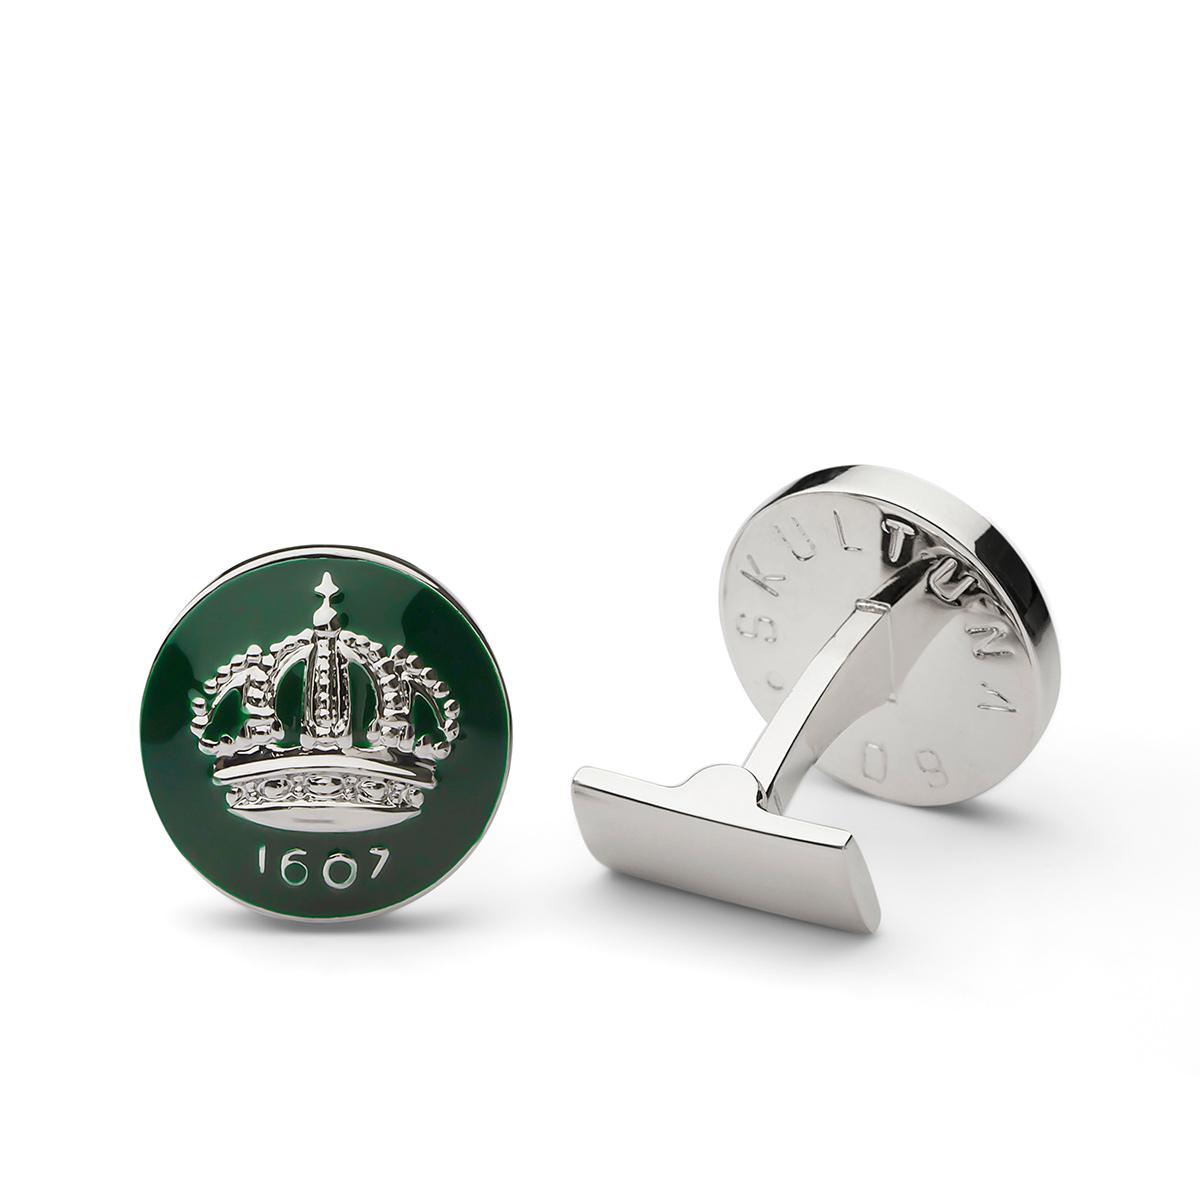 Skultuna – Manschettknappar Skultunakronan, silver/grön